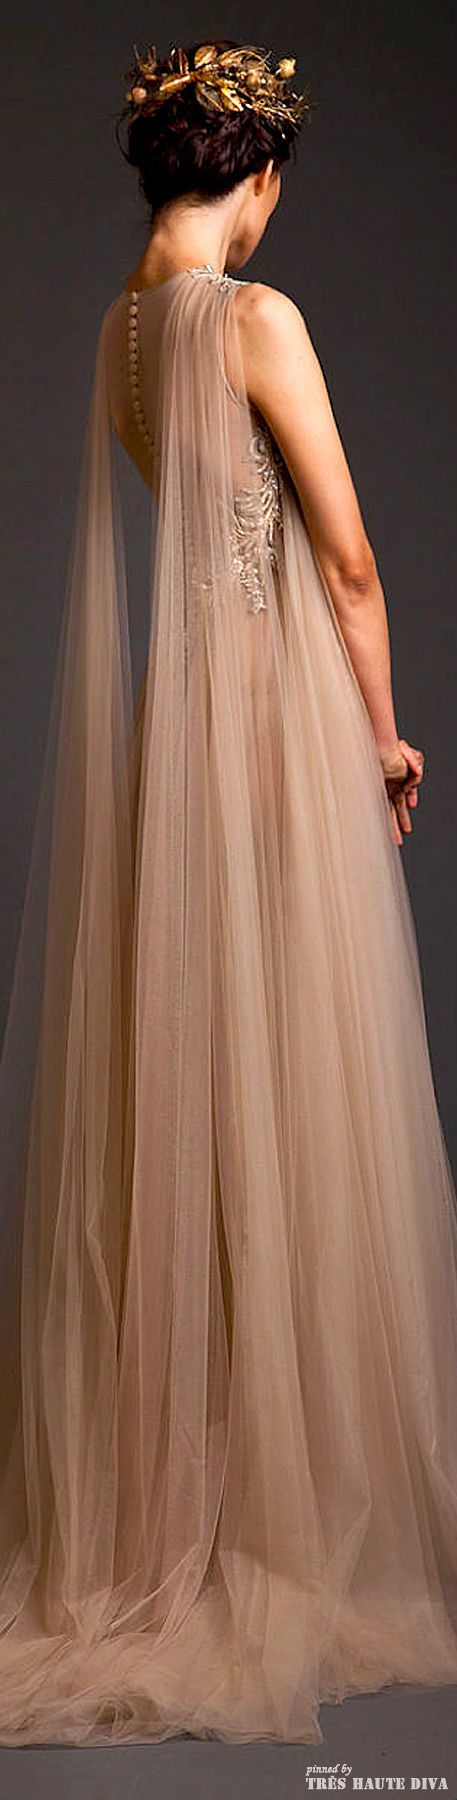 Krikor jabotain spring summer 2014 couture goddesses for Greek goddess wedding dresses